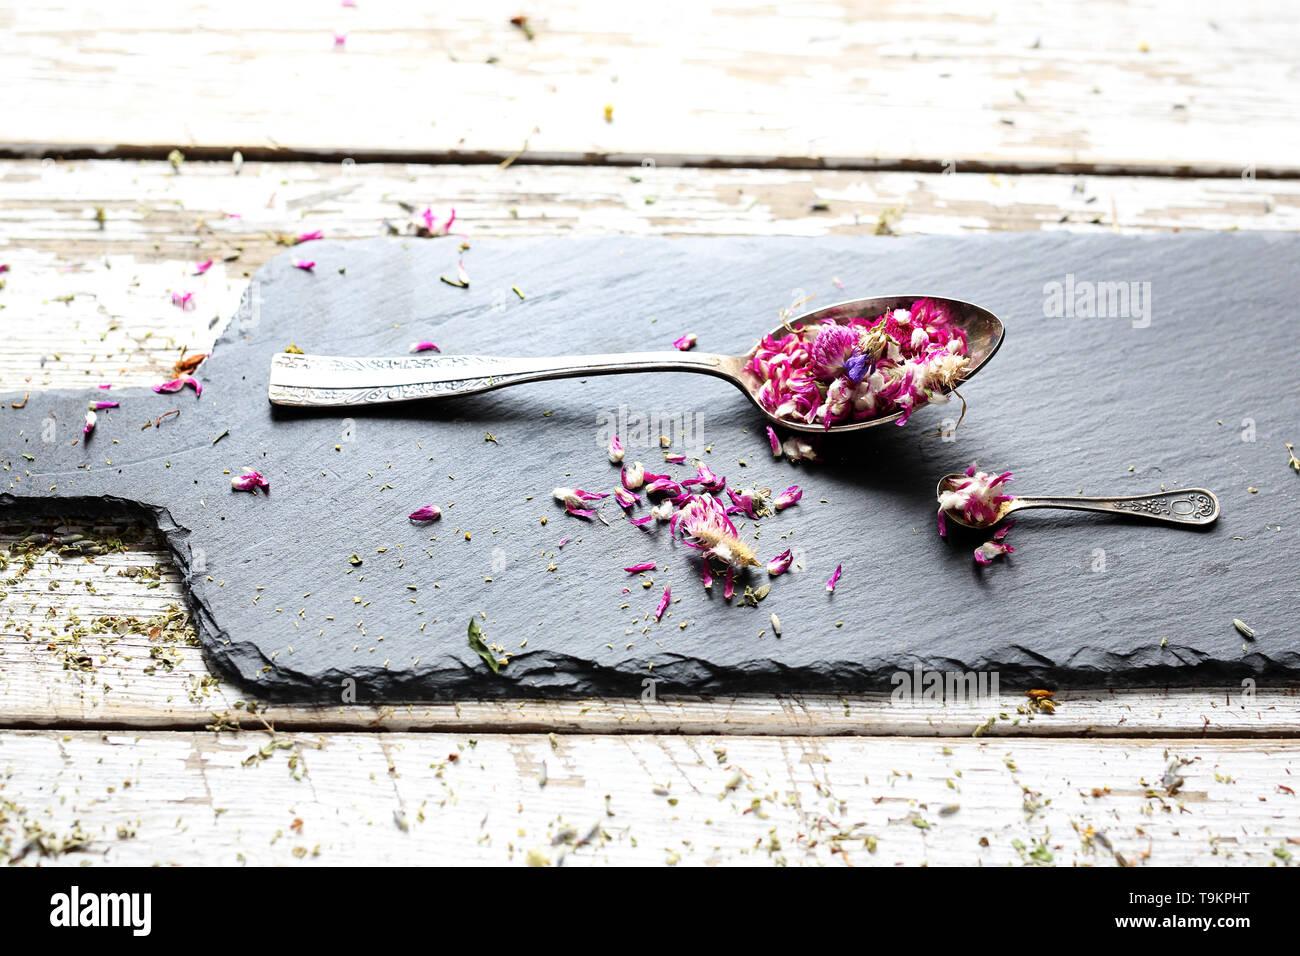 Getrocknete Blütenblätter. Eine natürliche, natürliche Heilung mix, Gesundheit direkt aus der Natur. Stockbild